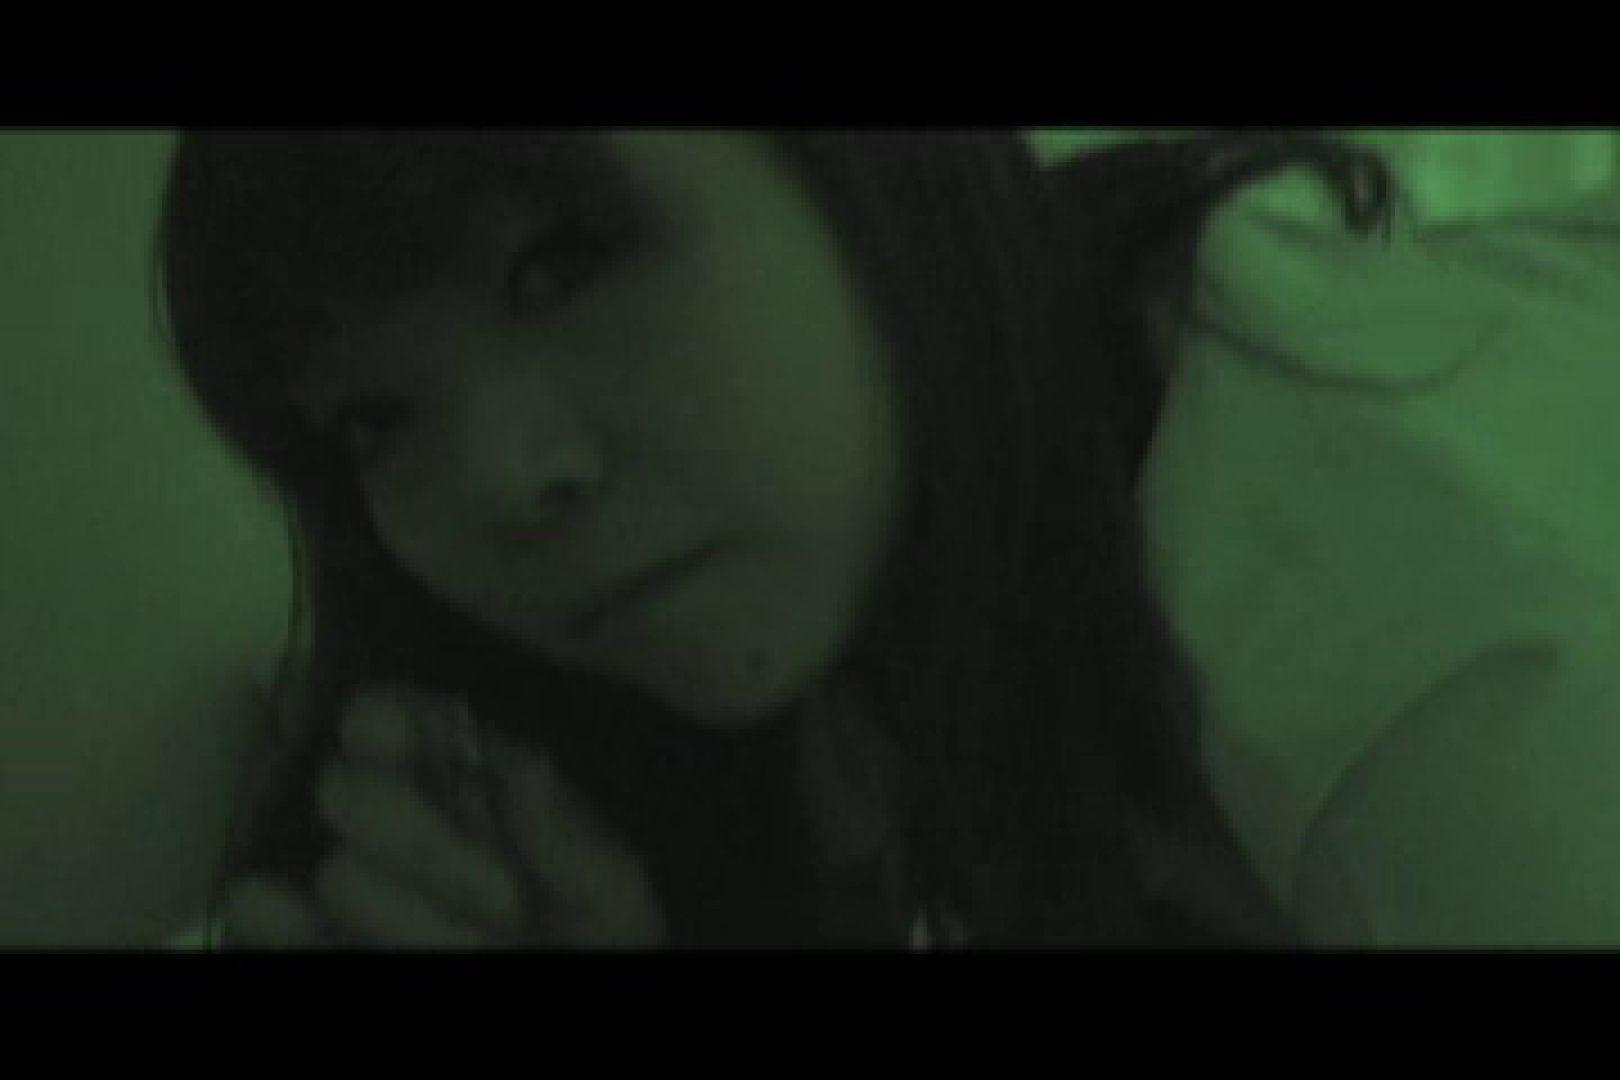 ヤリマンと呼ばれた看護士さんvol3 厠隠し撮り ワレメ動画紹介 72pic 48